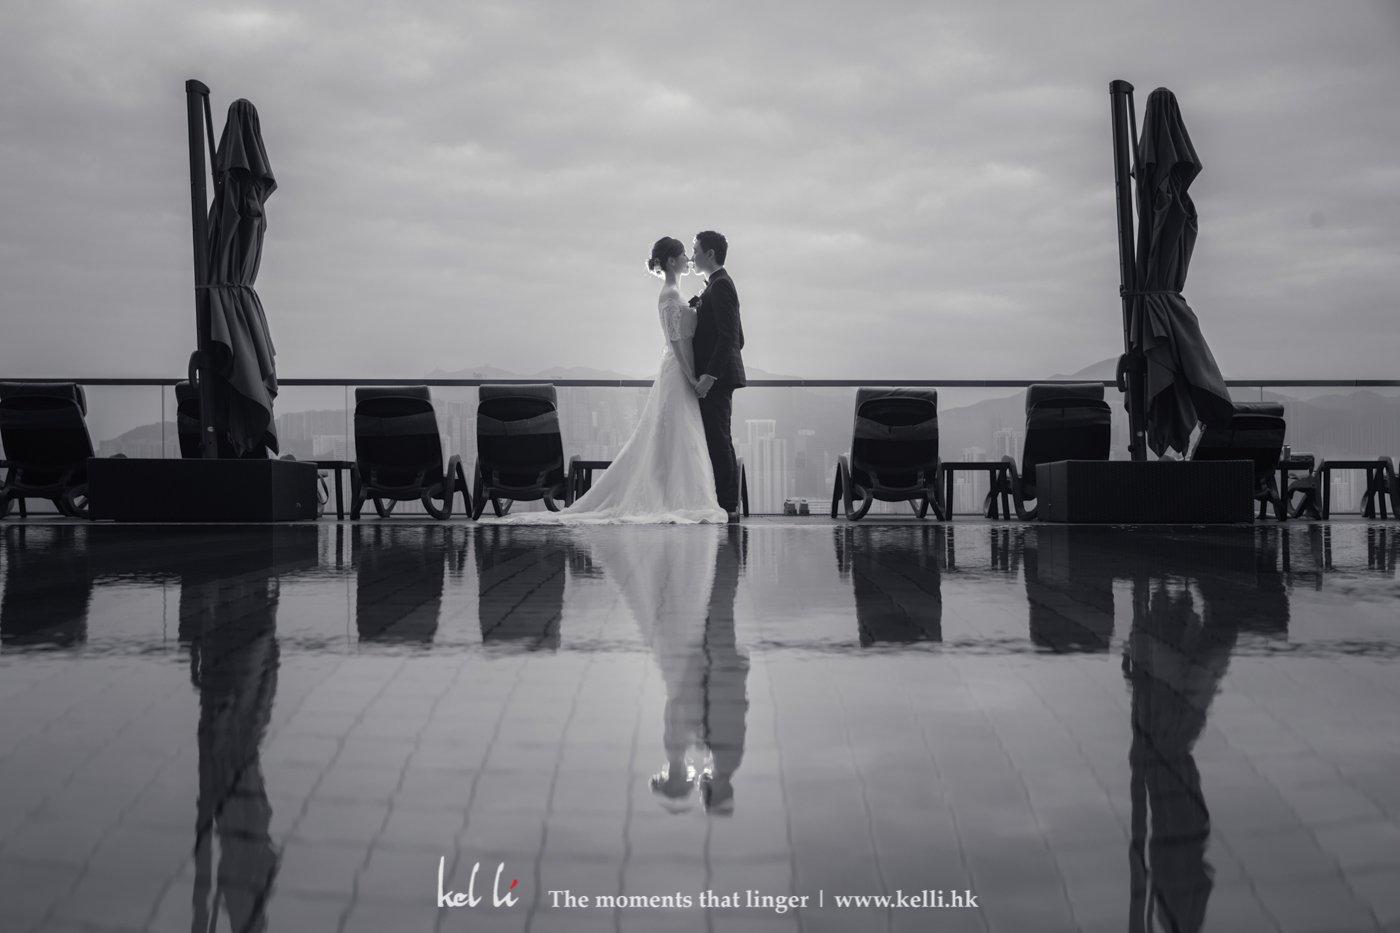 Emily & Lok's Wedding | Wedding photography 婚禮攝影